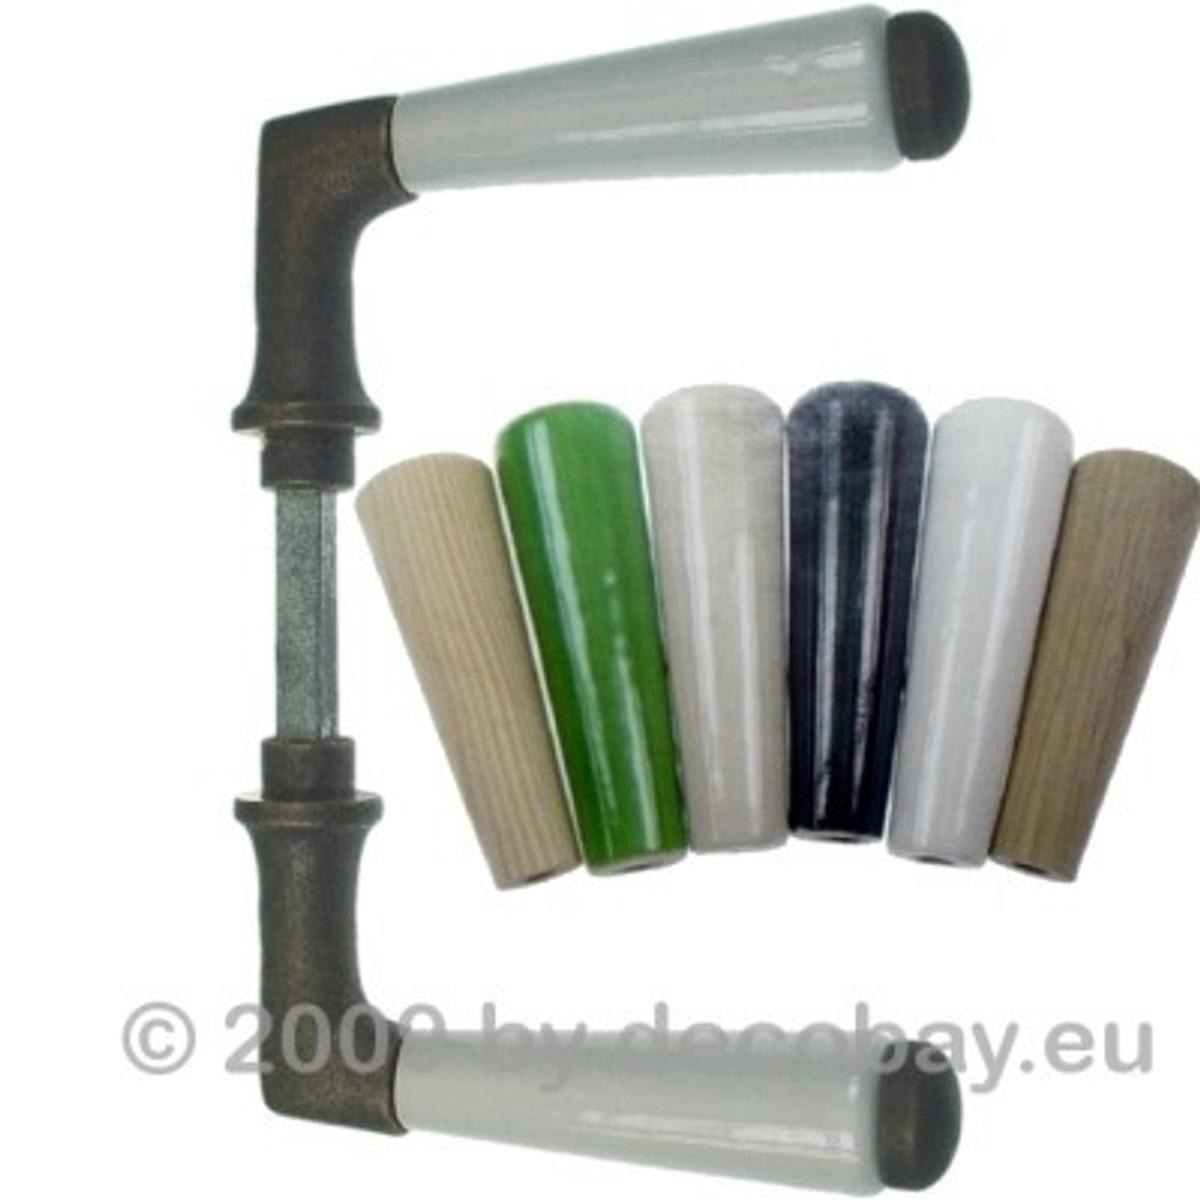 Türgriffe Retro Türgriff-Shop Antik Messing mit grünem Porzellan Griff kombiniert für Nostalgie Flair.